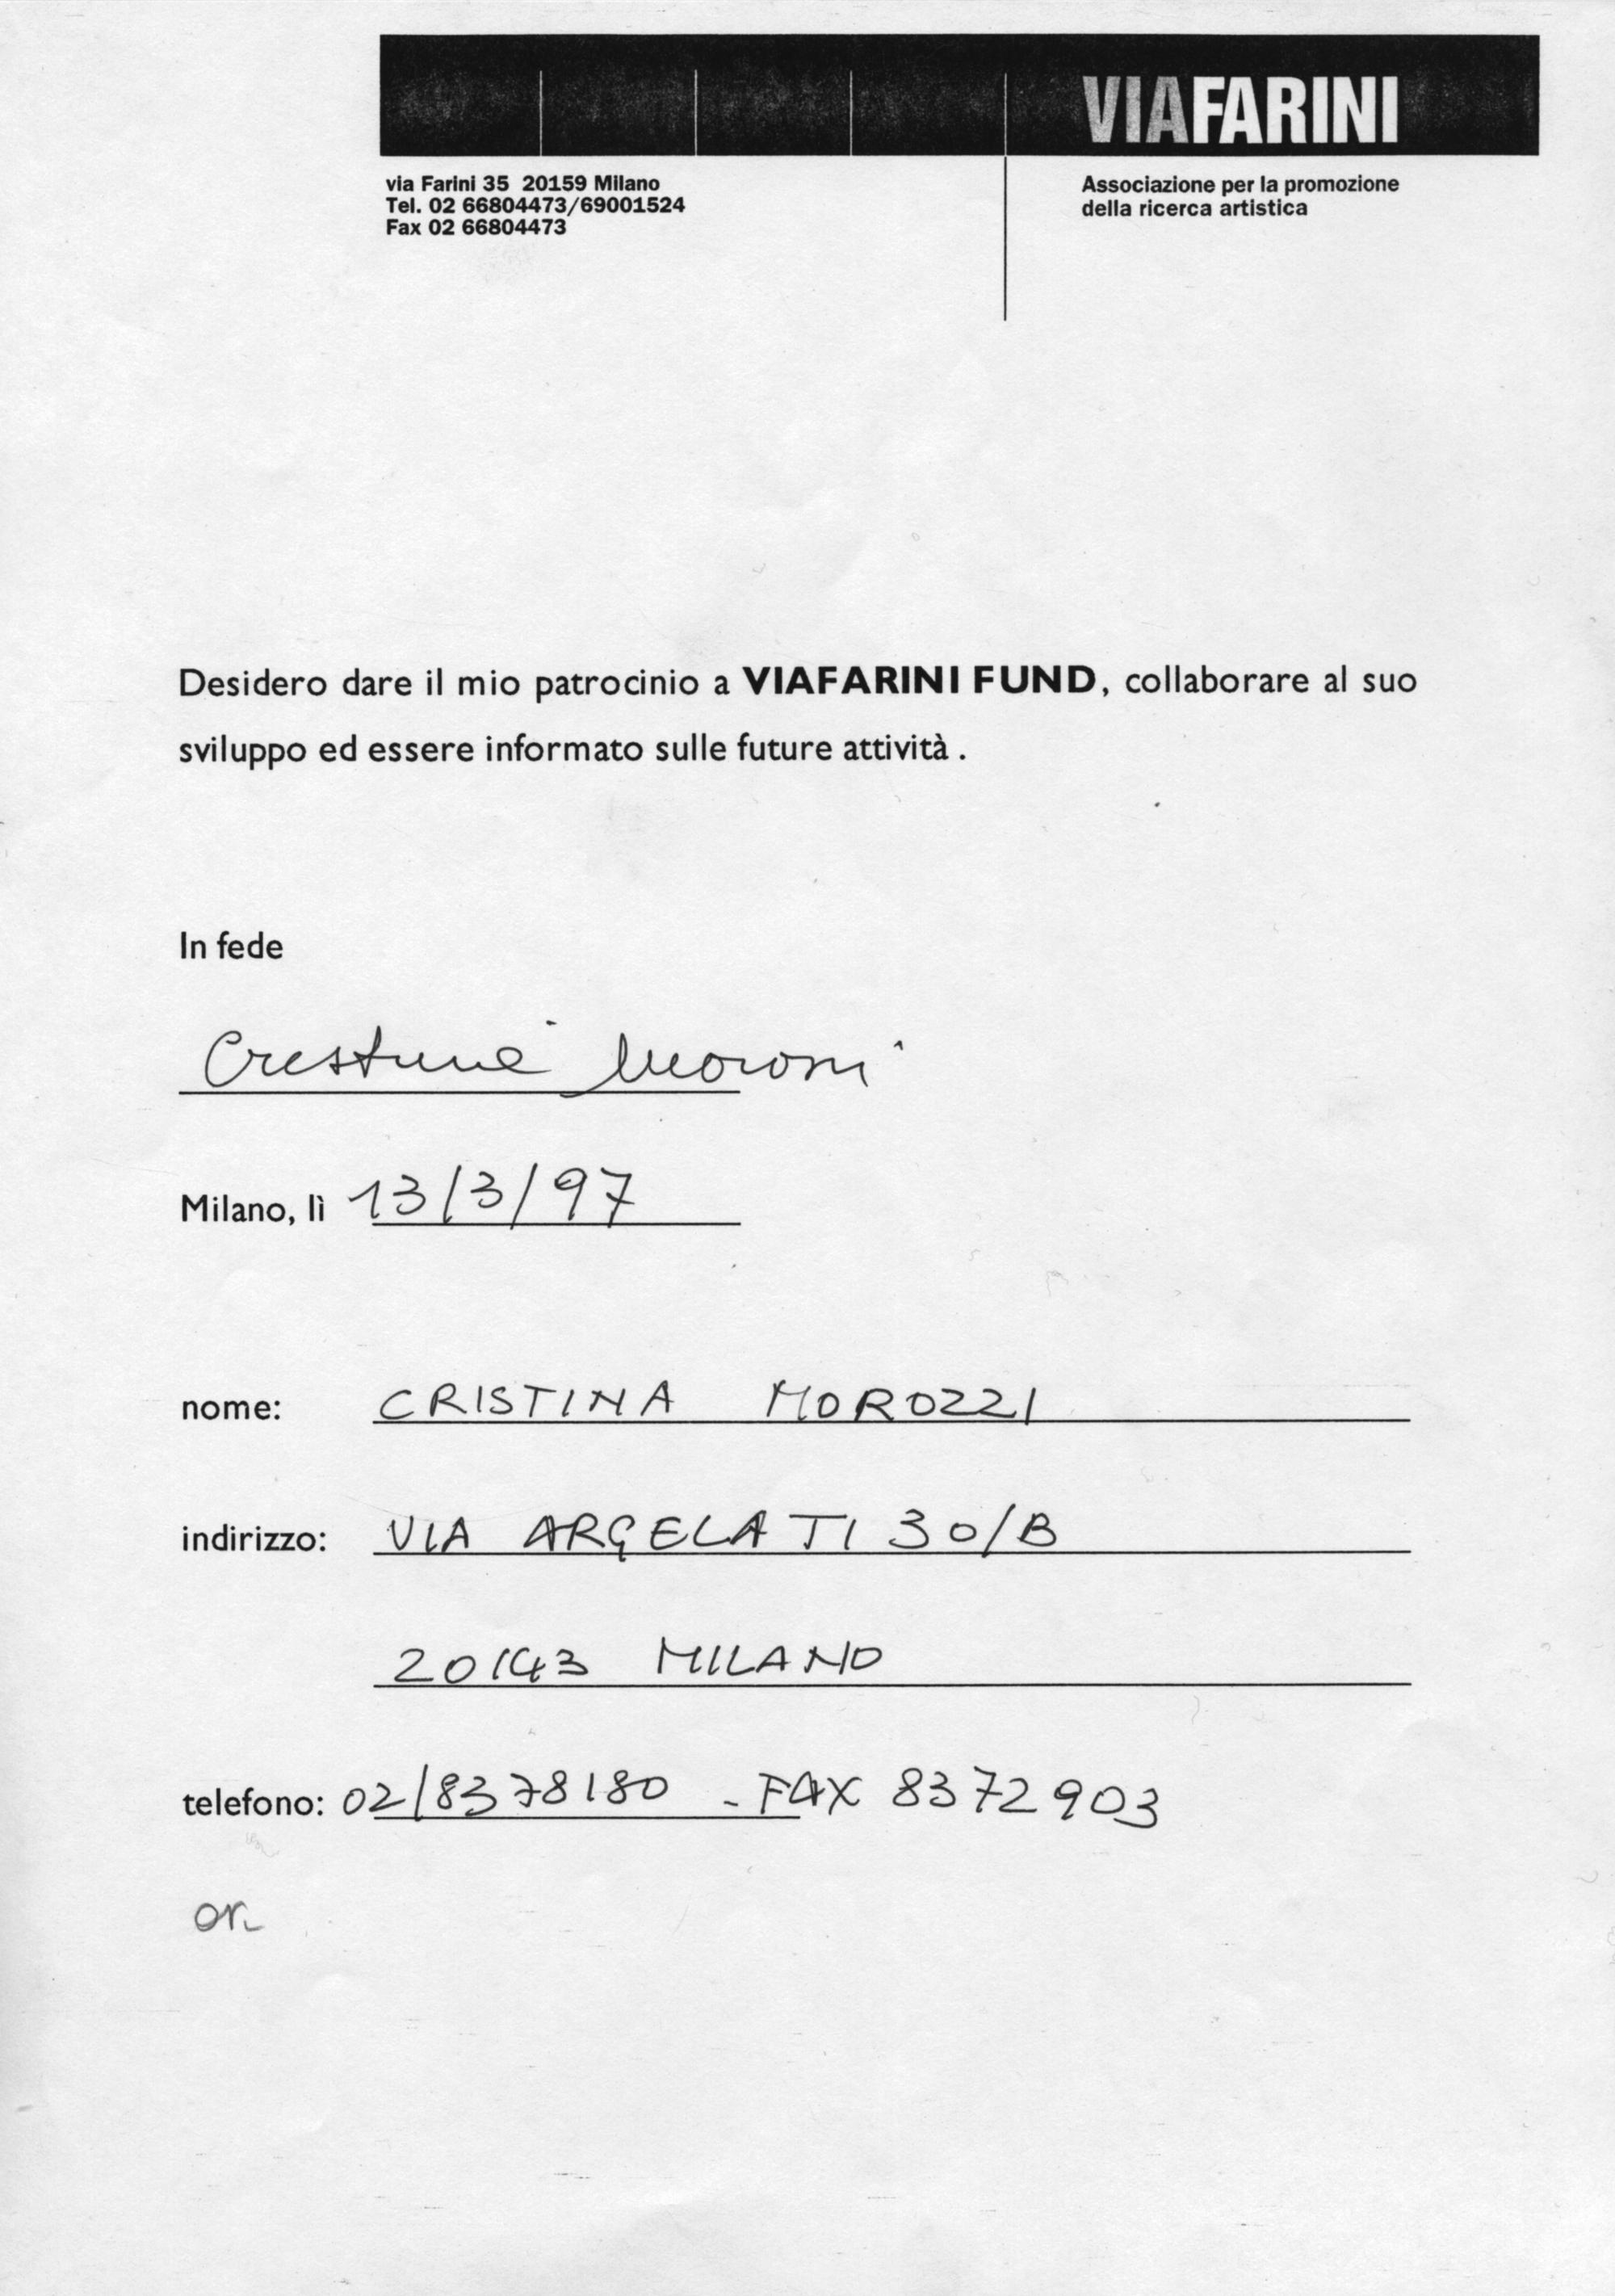 Massimo Morozzi, Quadri in esposizione, Al Viafarini Fund nel 1997.